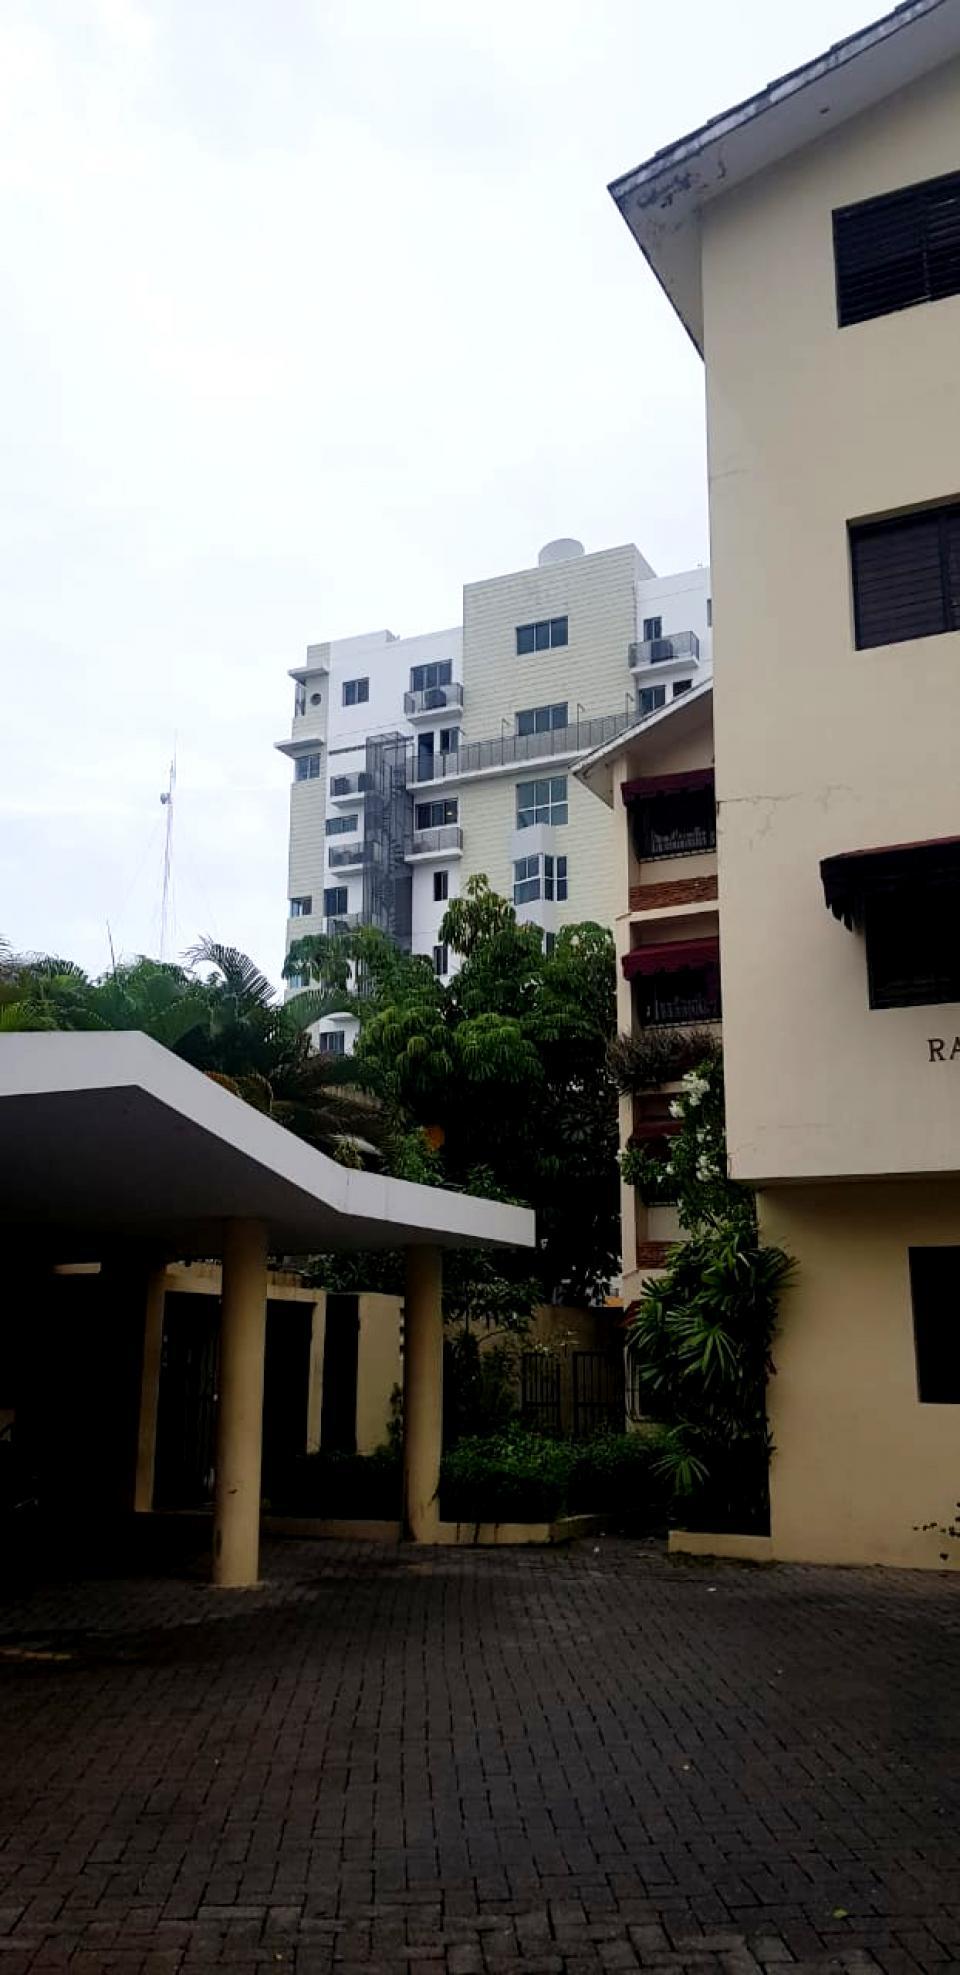 Apartamento en venta en el sector ENSANCHE SERRALLES precio RD$ 8,200,000.00 RD$8,200,000